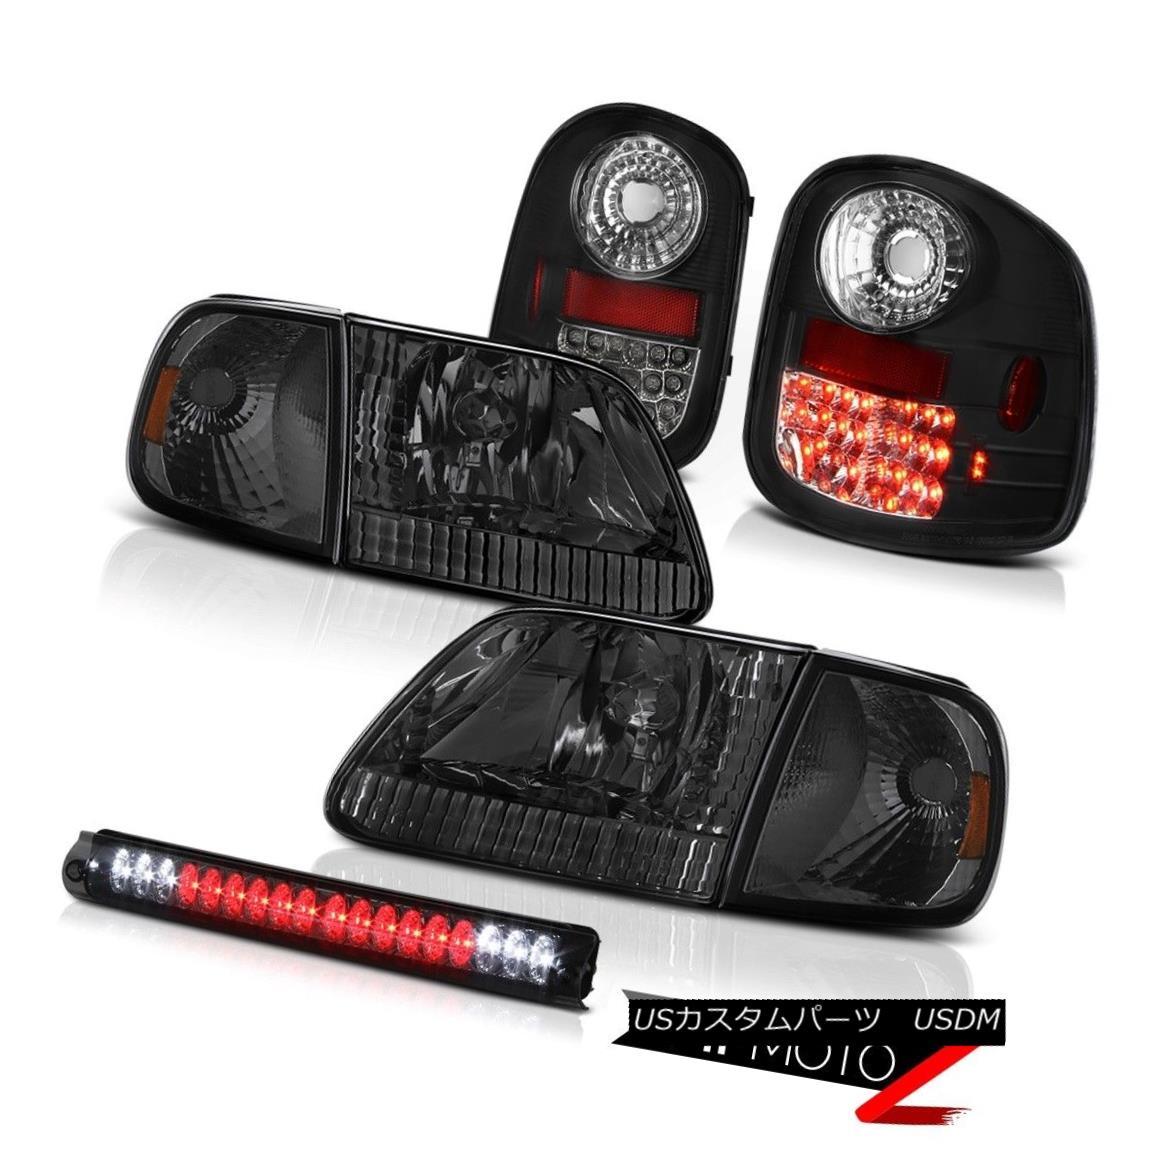 テールライト Smoke Corner+Headlights LED Tail Lamps Brake Cargo 97-03 F150 Flareside Lariat スモークコーナー+ヘッドリッグ hts LEDテールランプブレーキカーゴ97-03 F150 Flareside Lariat